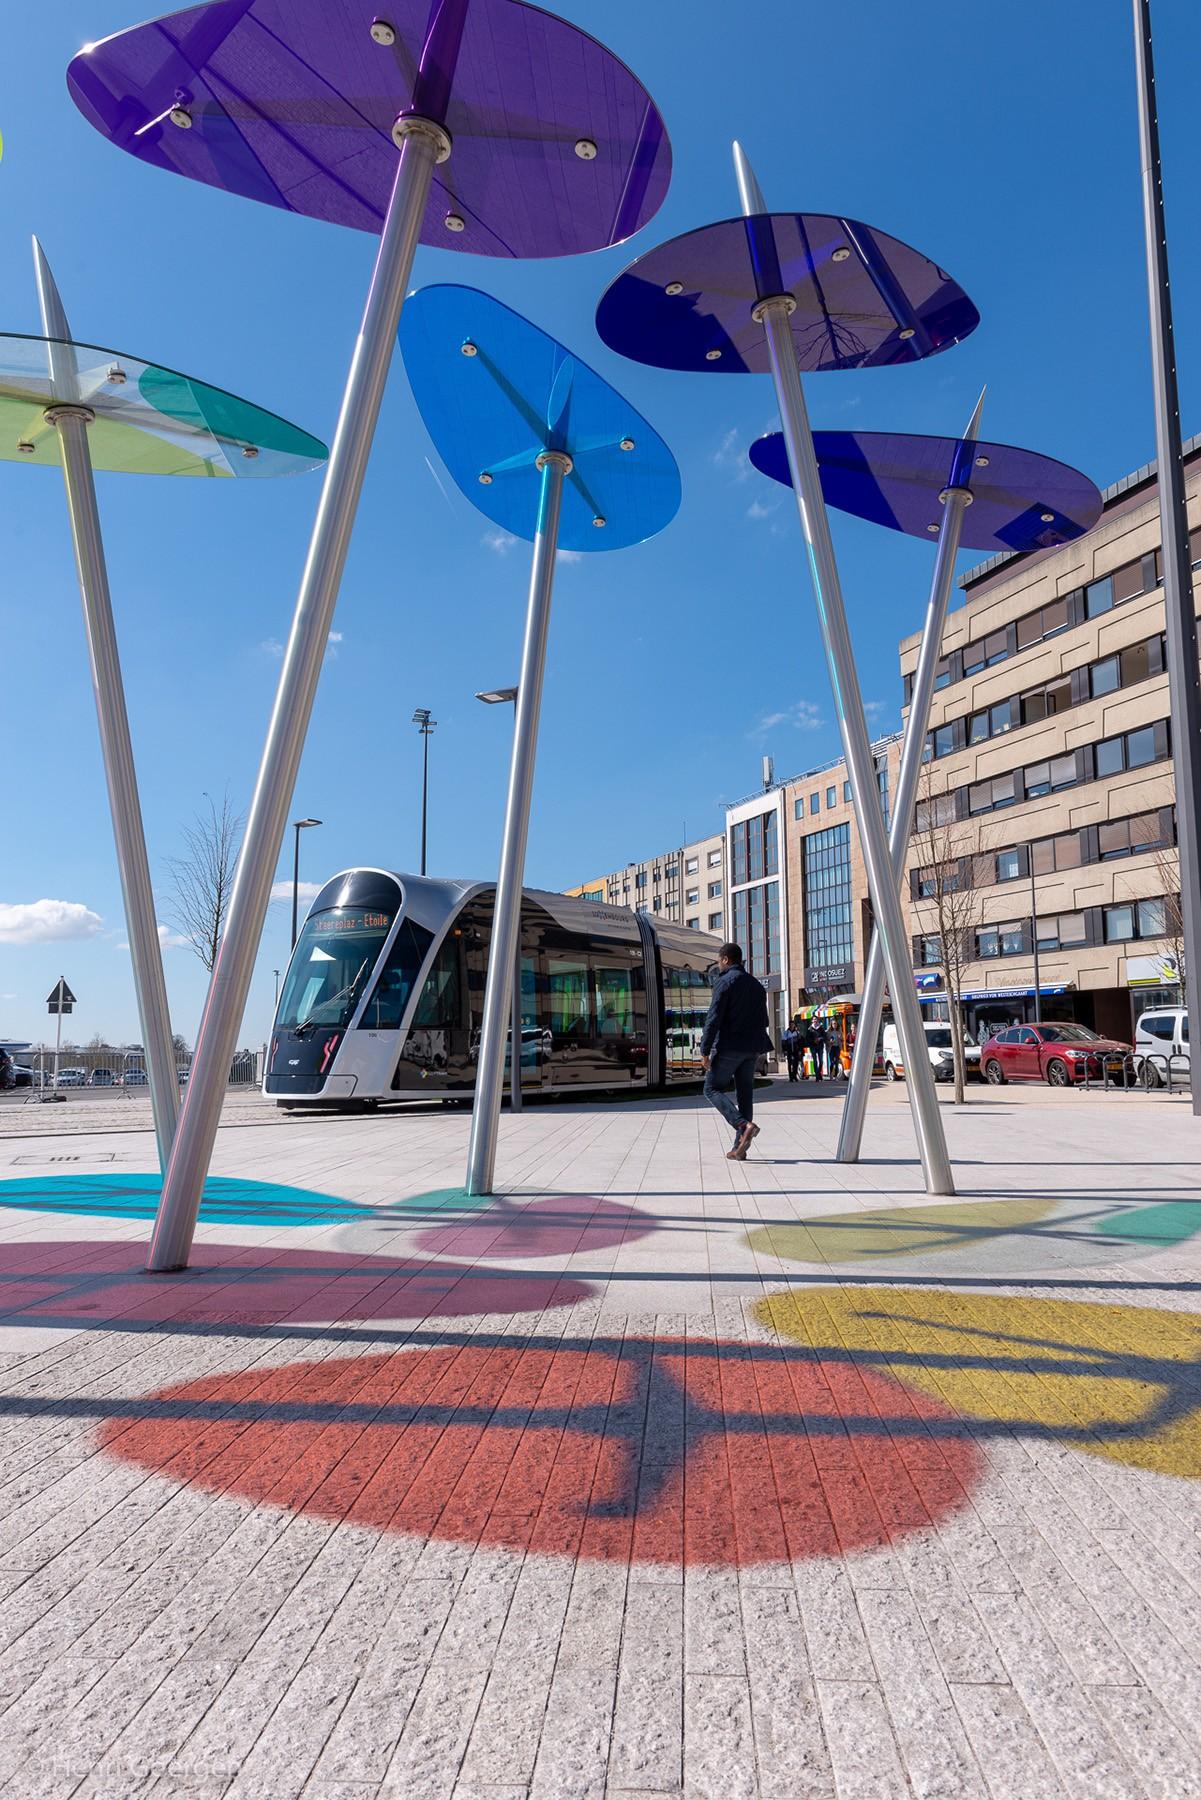 Vue de l'intégration urbaine du tramway à Luxembourg. (Photo: Henri Goergen)